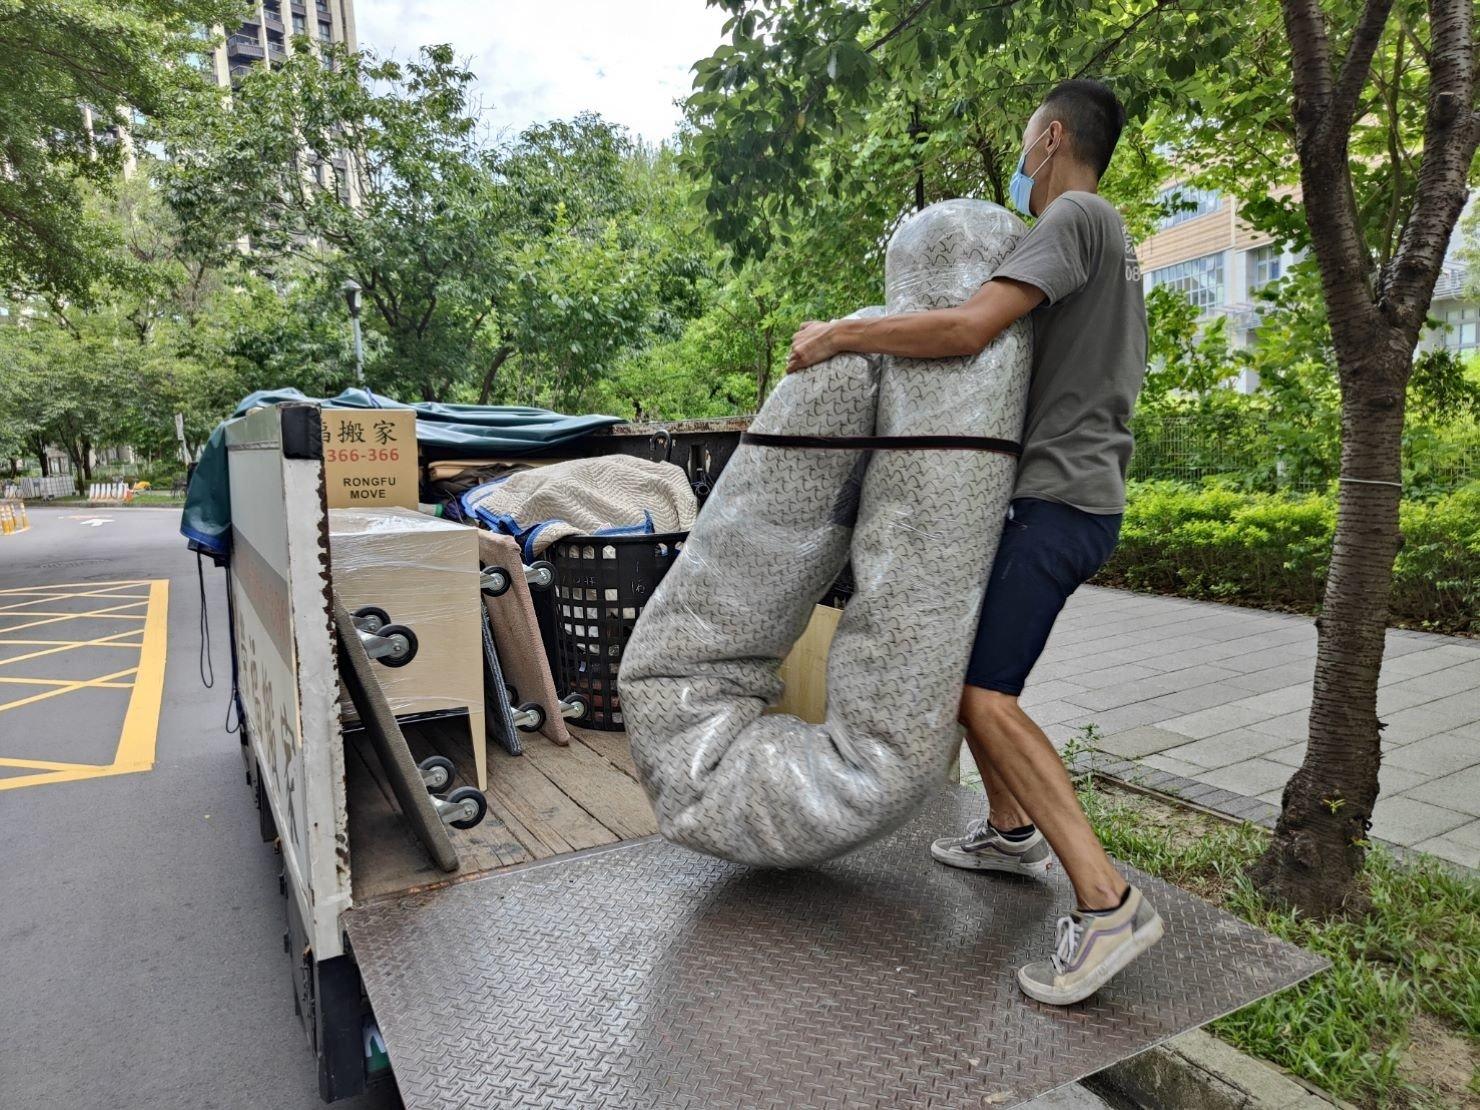 專人打包、搬家公司推薦、新北搬家公司推薦【榮福搬家公司】基隆搬家、南港搬家、桃園搬家公司推薦、懶人搬家,專人包裝,家庭搬家、精緻搬家、精緻包裝、打包裝箱。台北搬家公司推薦:大台北搬家,精緻包裝搬運「細膩包裝、專業搬運、用心服務、以客為尊」是榮福搬家公司的宗旨與精神。歡迎立即來電02-2651-2727專人服務。